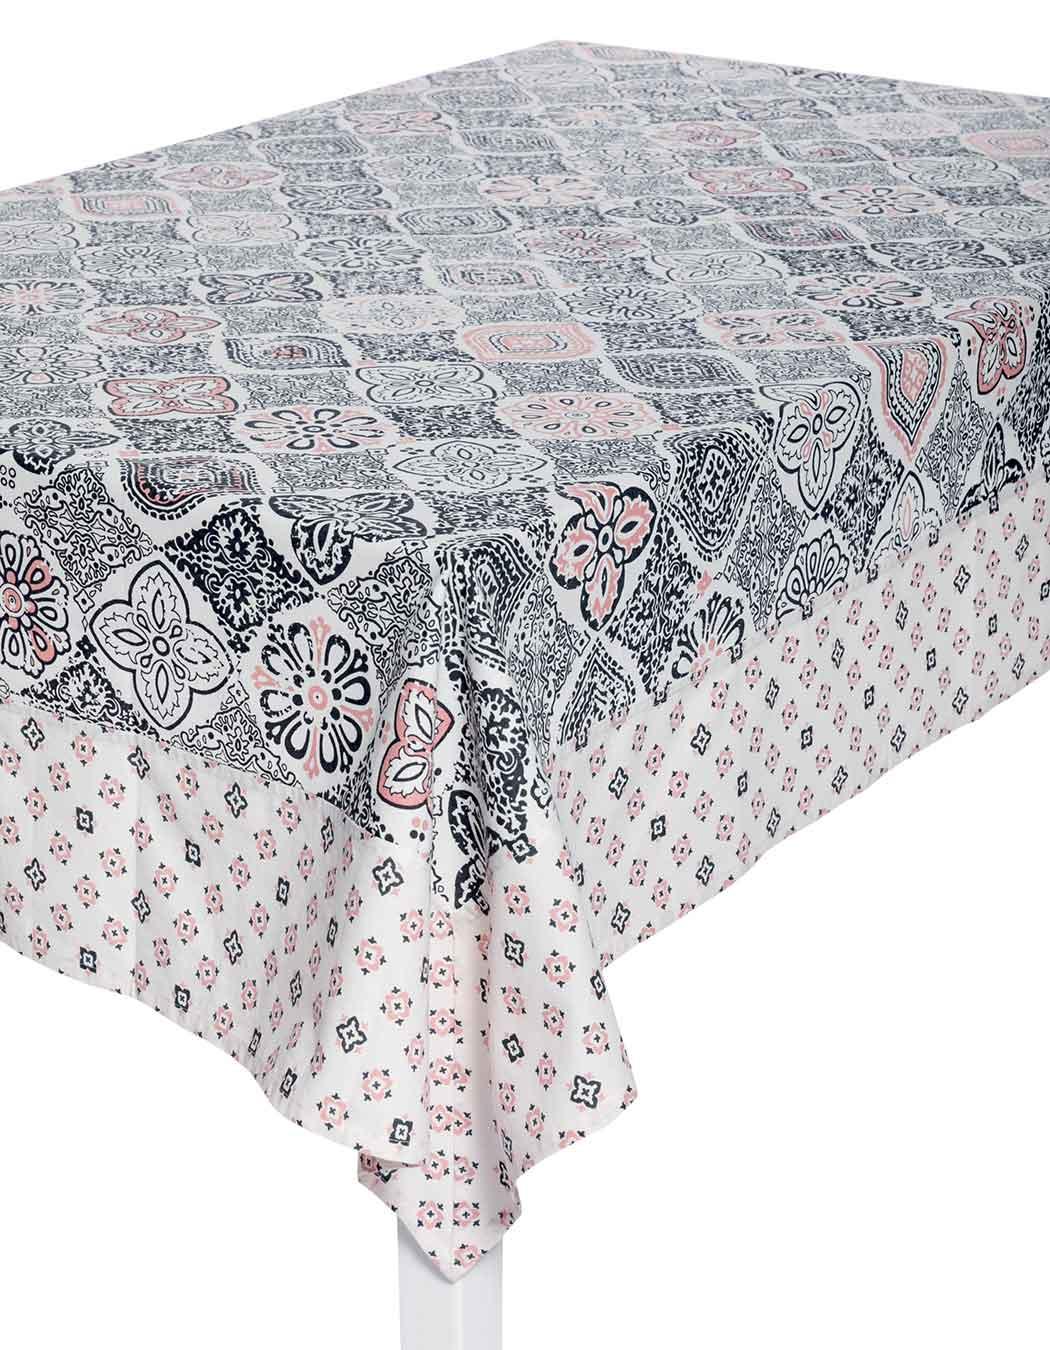 Nappe biprint en coton anthracite 170 x 250